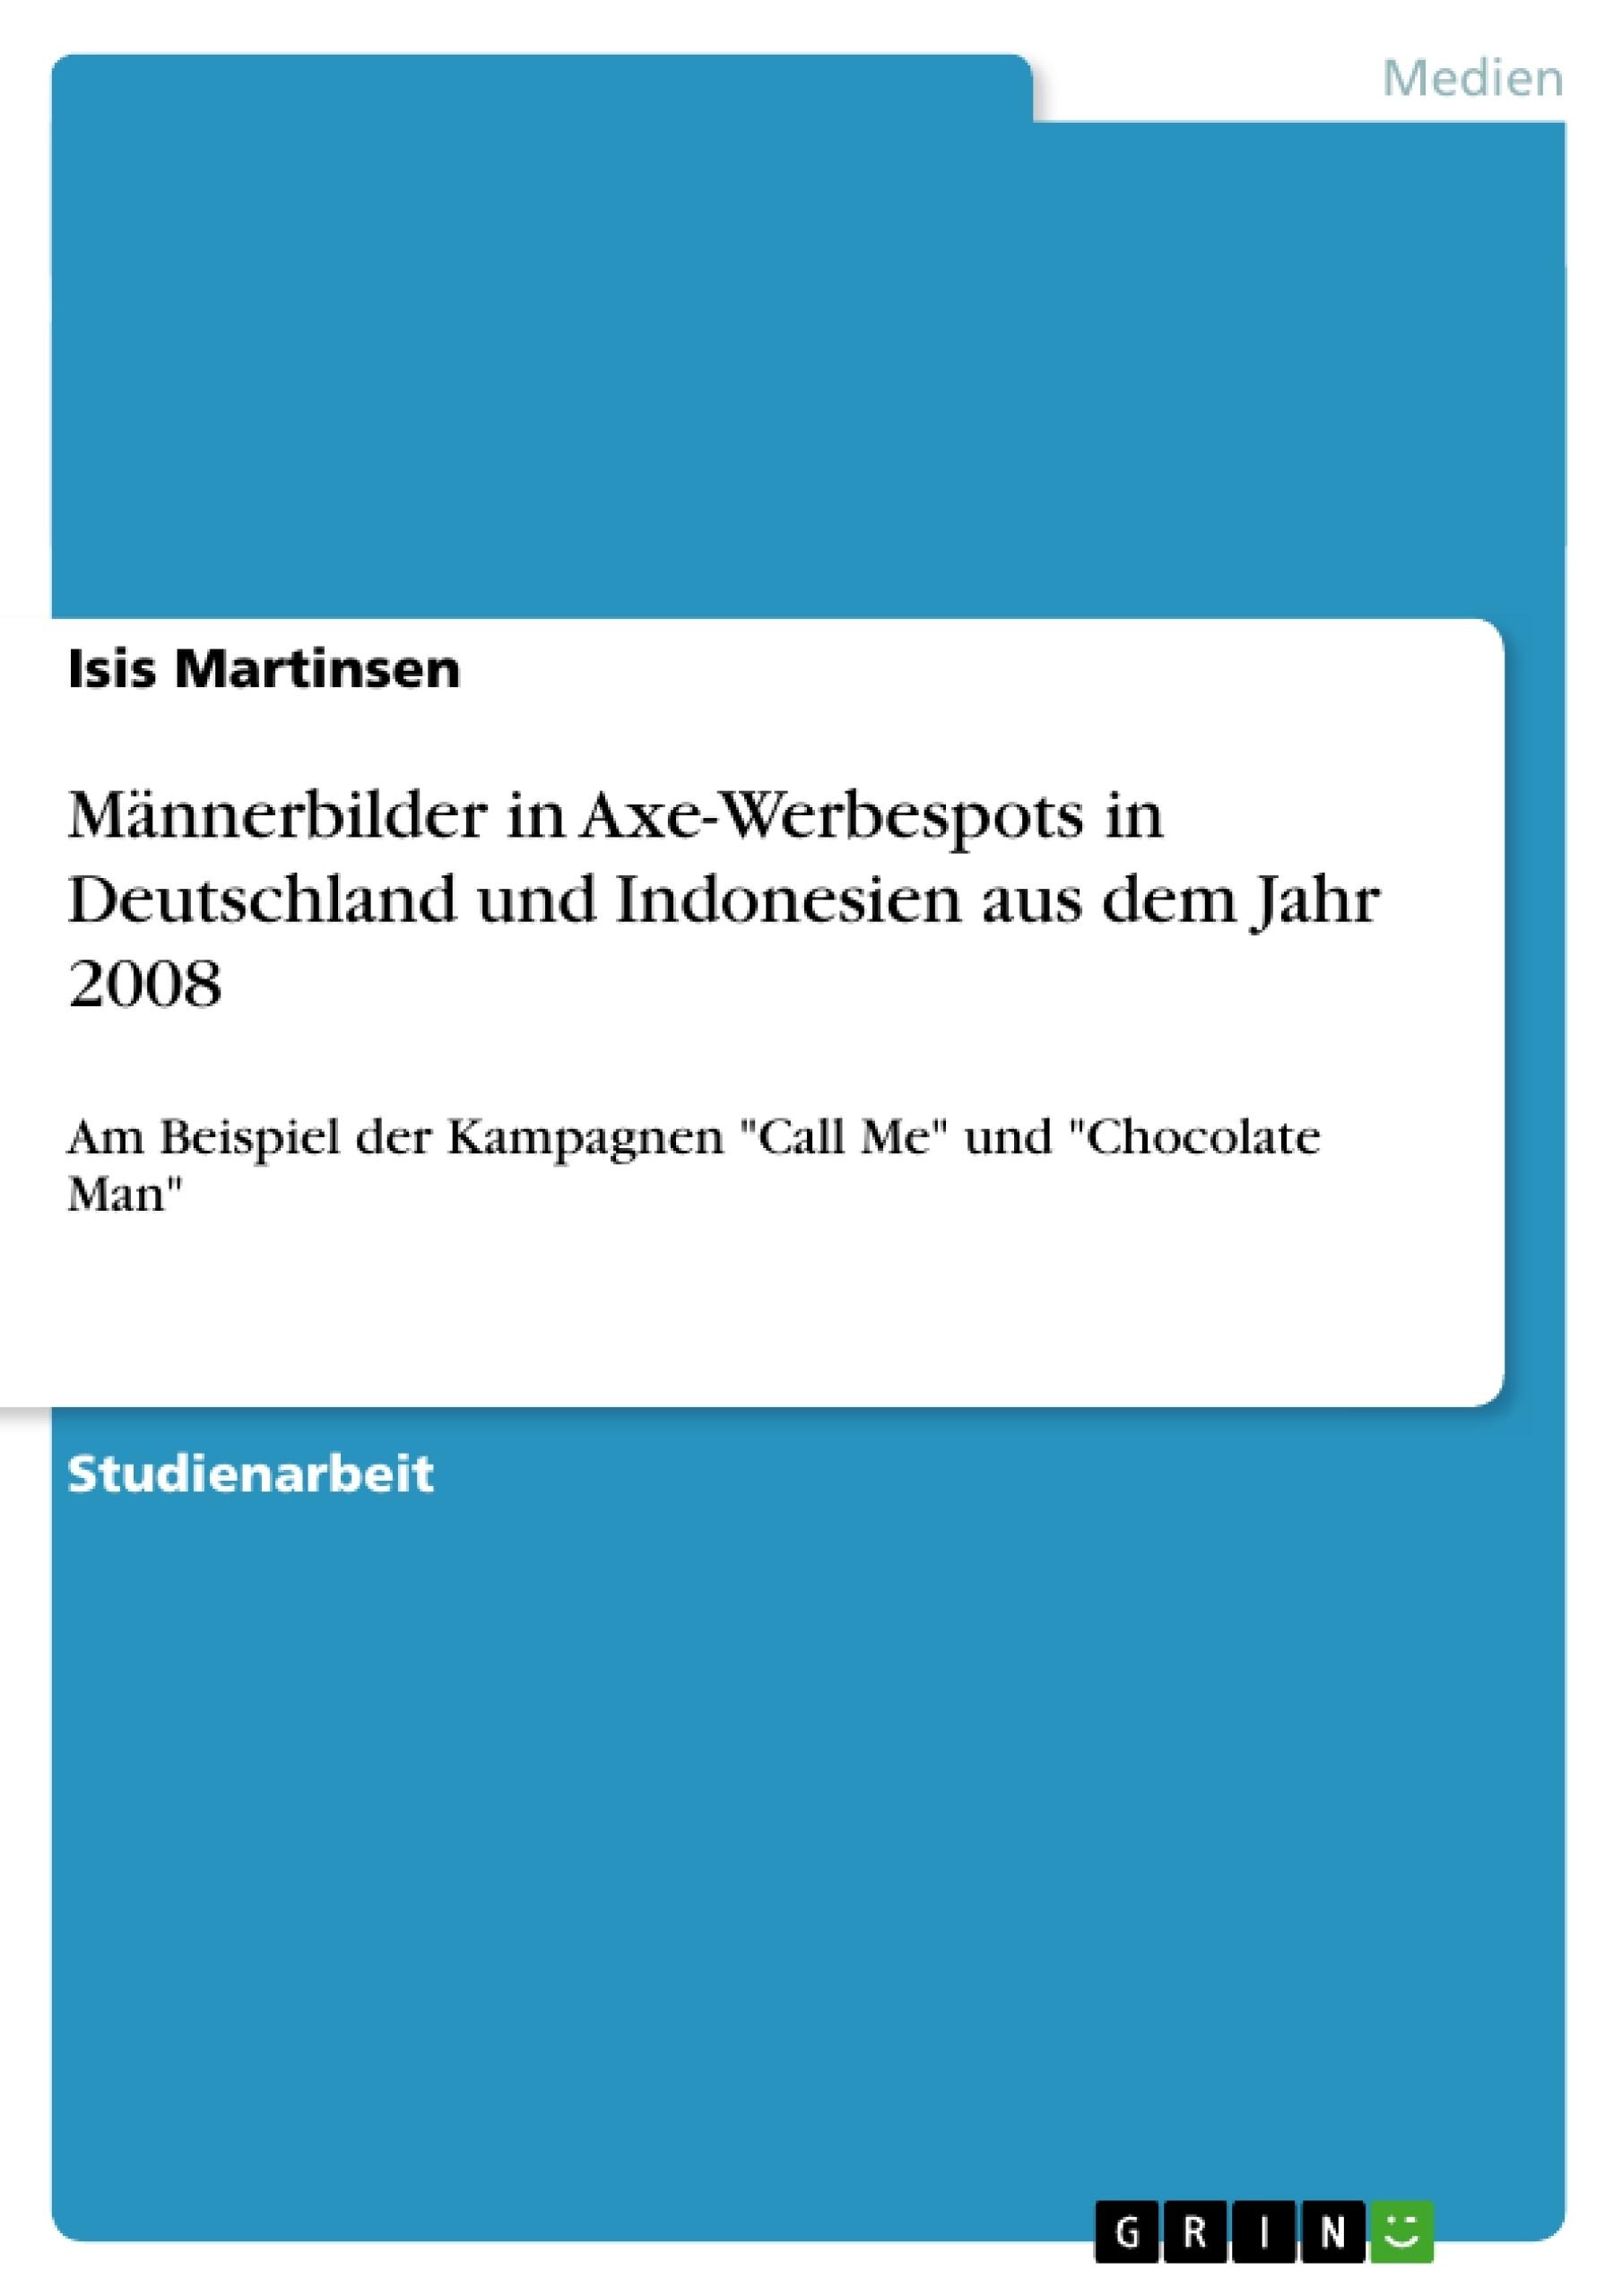 Titel: Männerbilder in Axe-Werbespots in Deutschland und Indonesien aus dem Jahr 2008